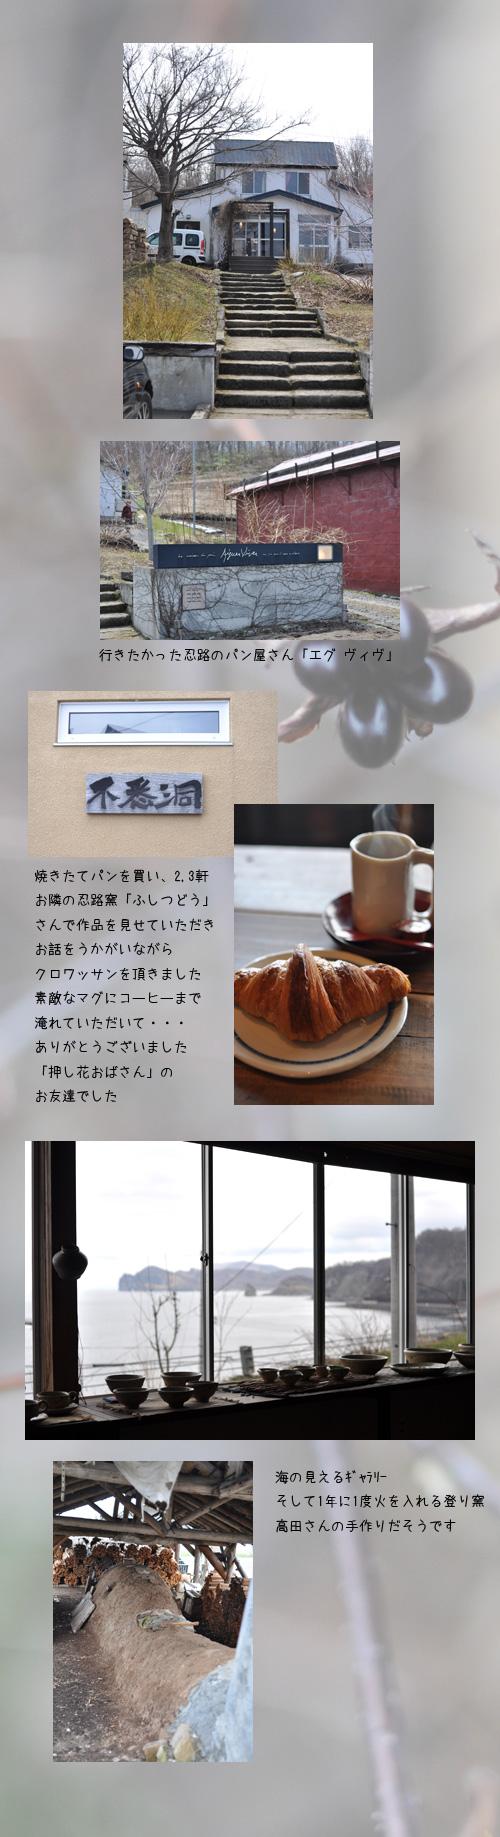 5月3日小樽2